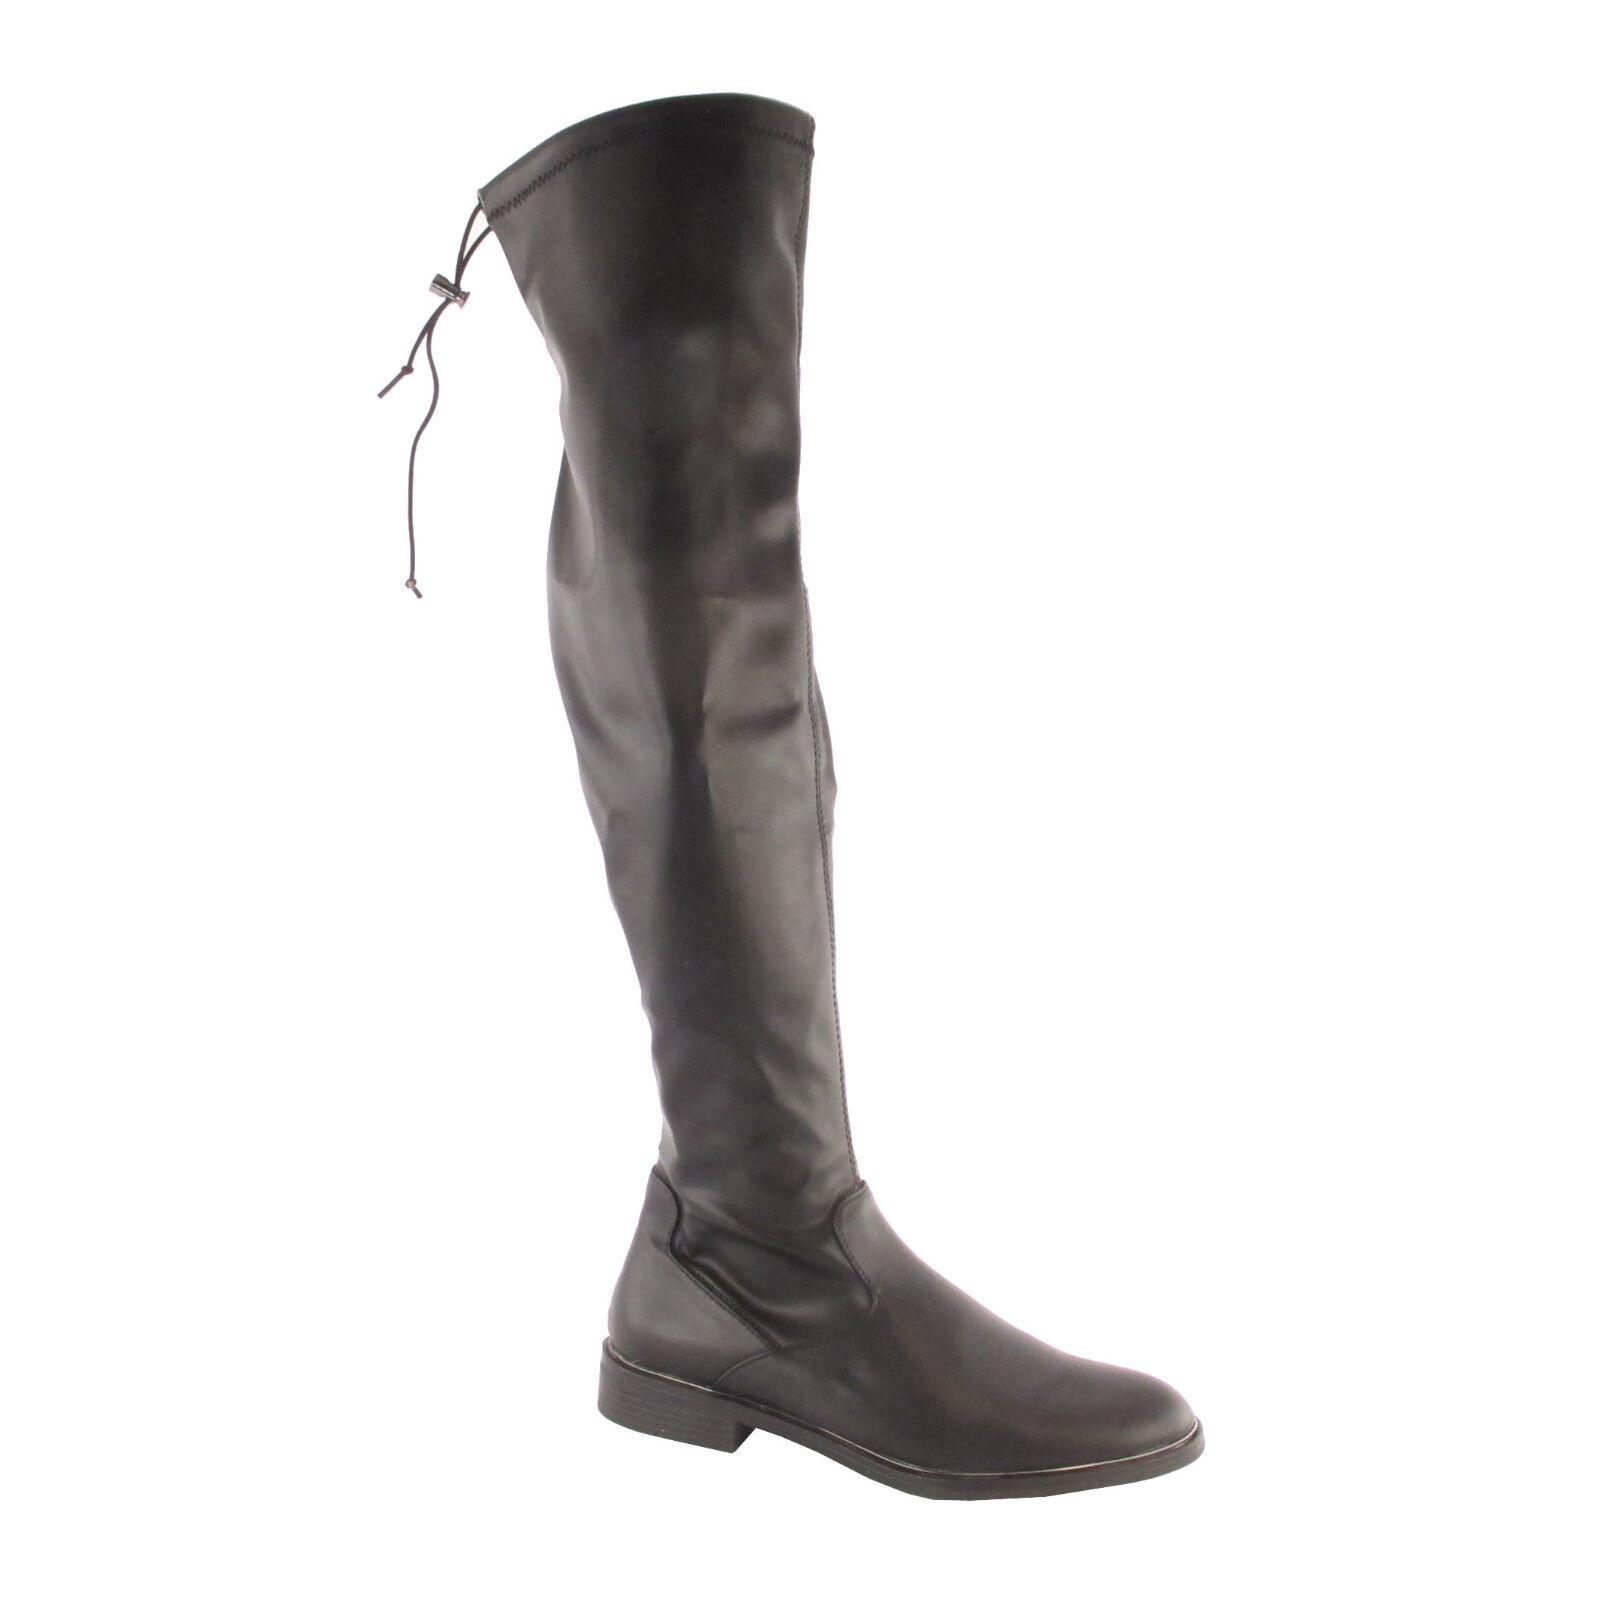 S OLIVER OVERKKNEEbottes noir GR 37,39,42 NEU femmes bottes chaussures XS-Schaft